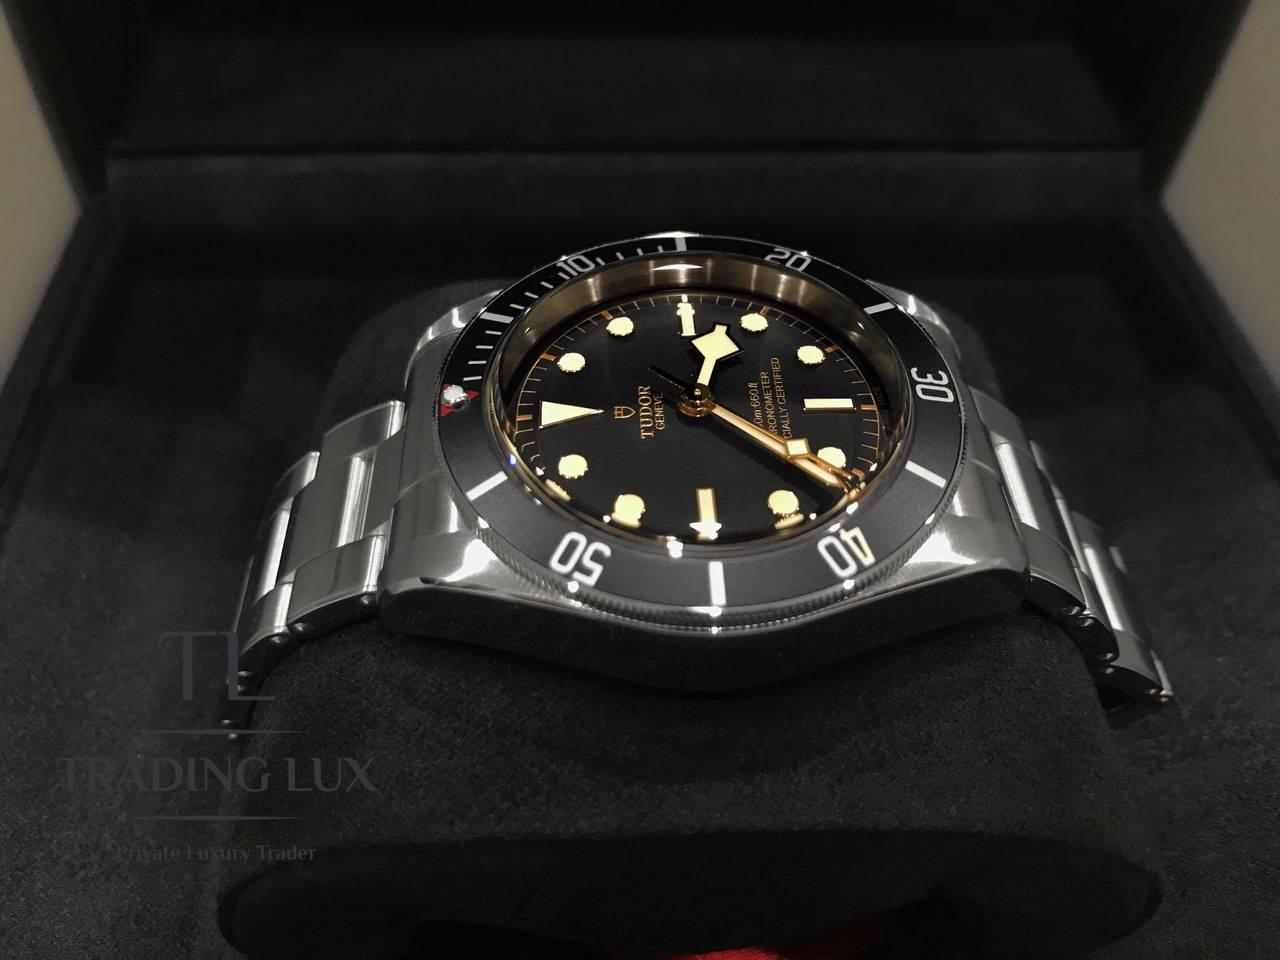 Tudor-Black-Bay-79230N-6